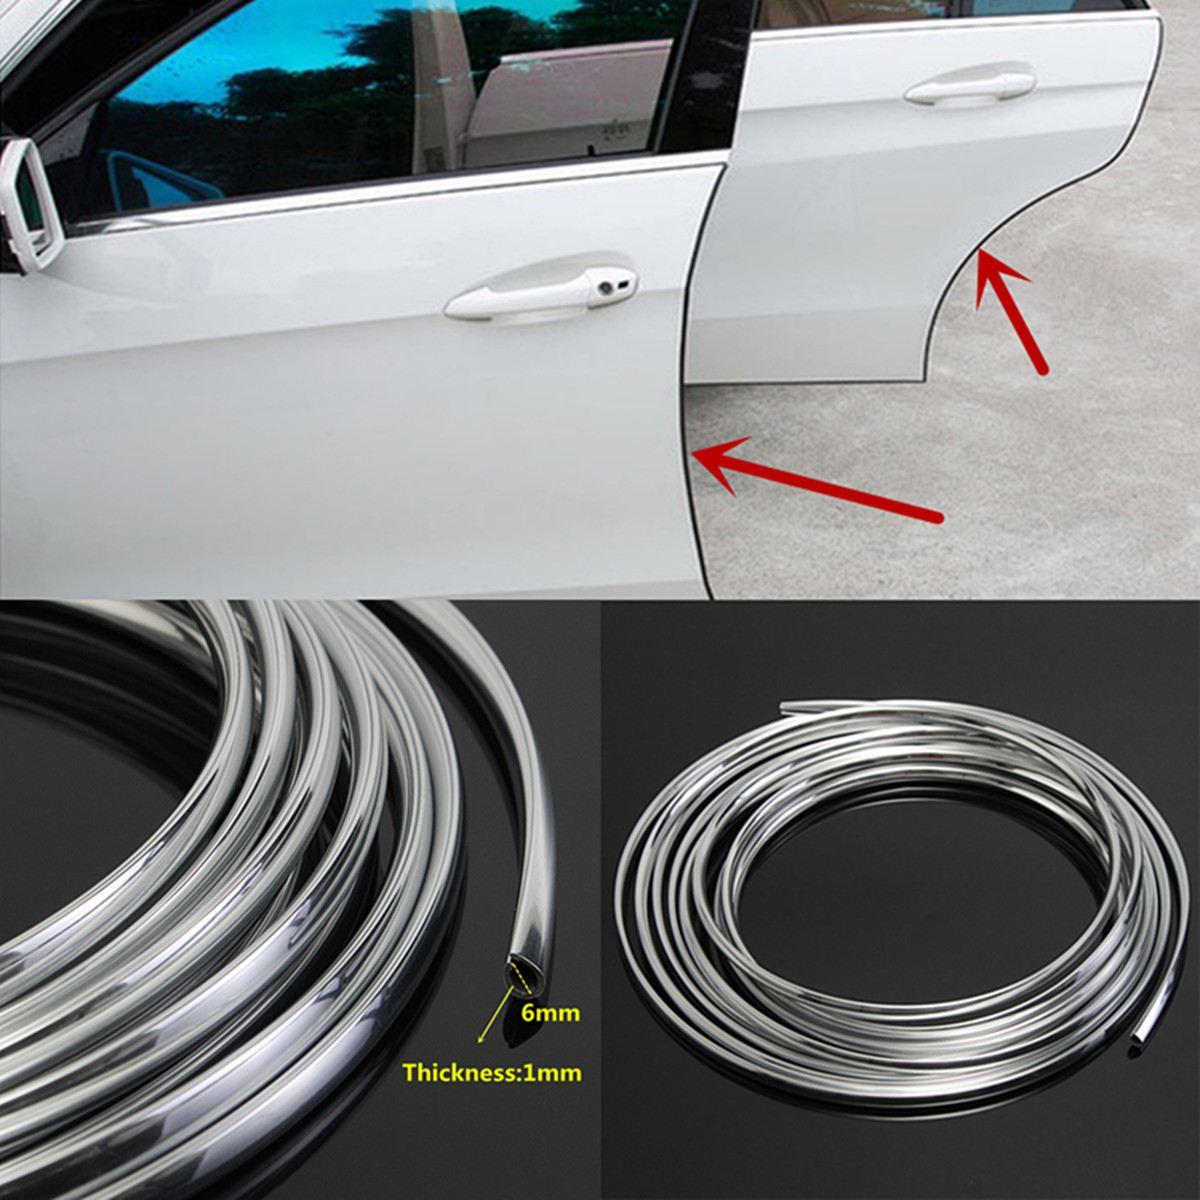 16FT/5M biała guma taśma ochronna krawędź do drzwi samochodu Protector listwa wykończeniowa osłona z klejem